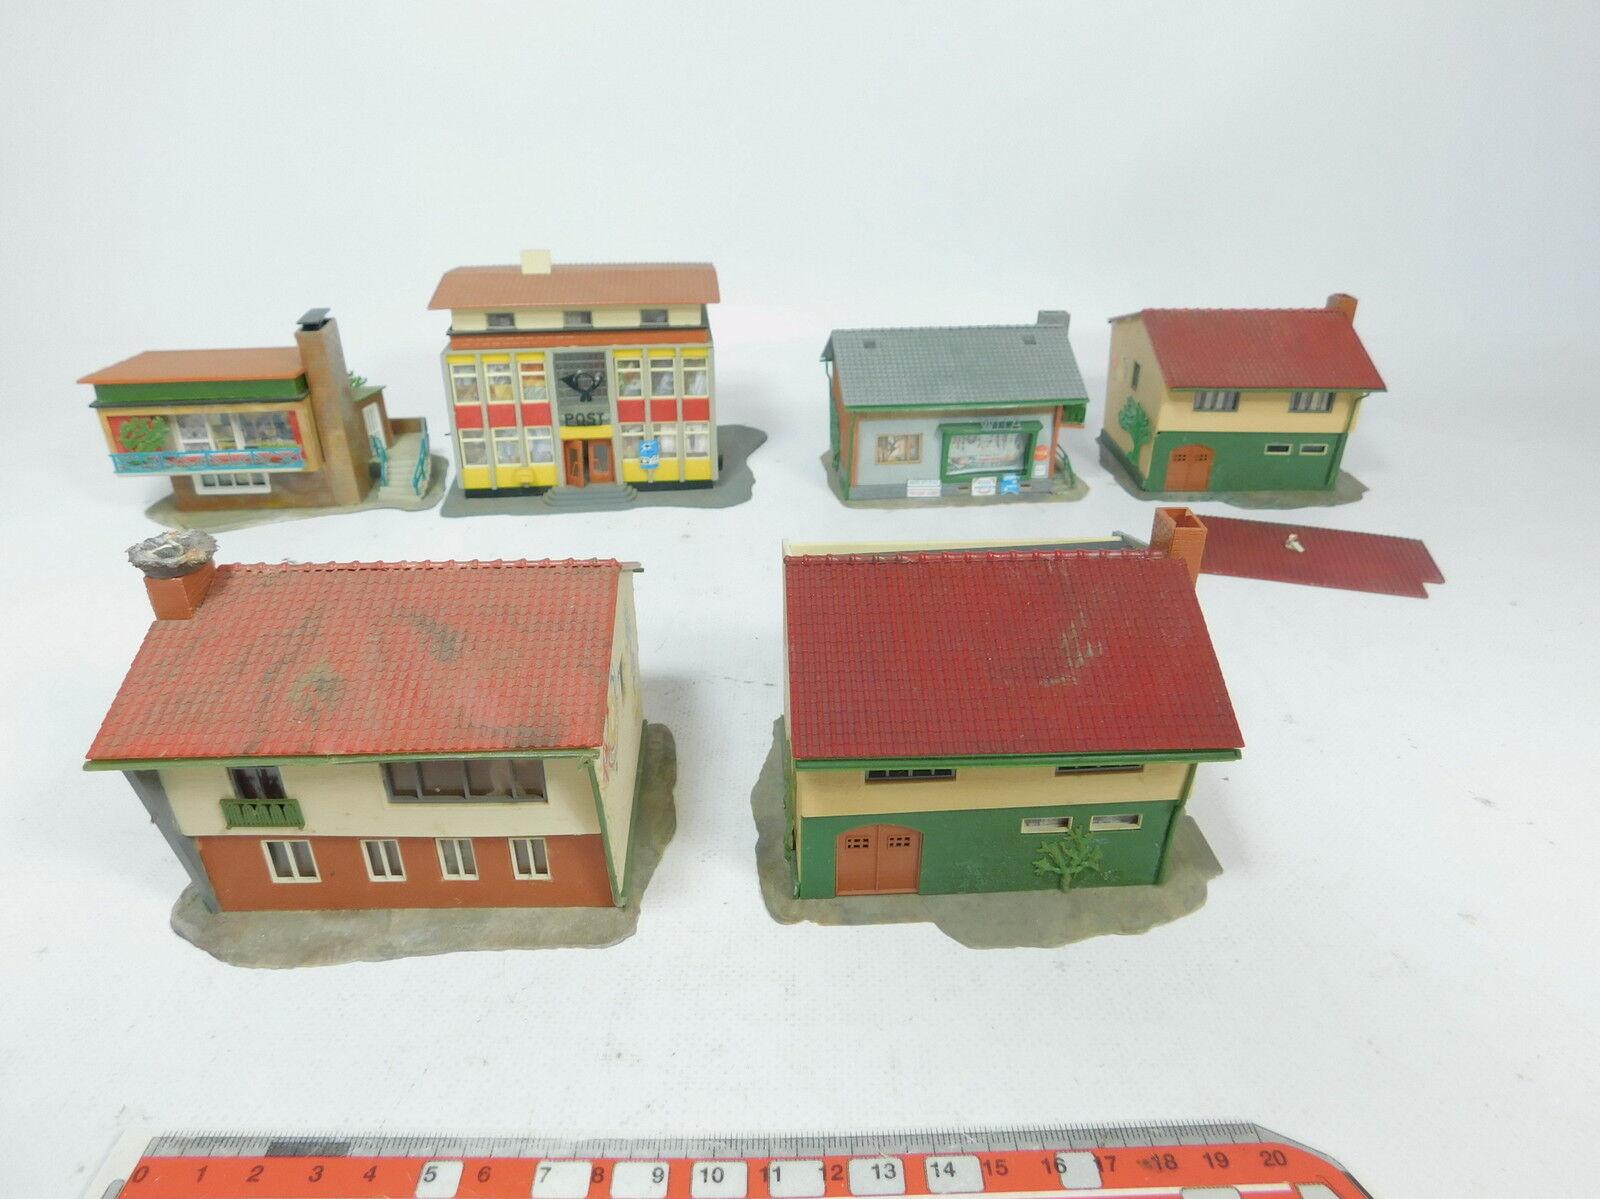 AZ7672 6x Ftuttier Ecc. H0 modellololo  Casa di Abitazione  Efh  Blocco Uffici